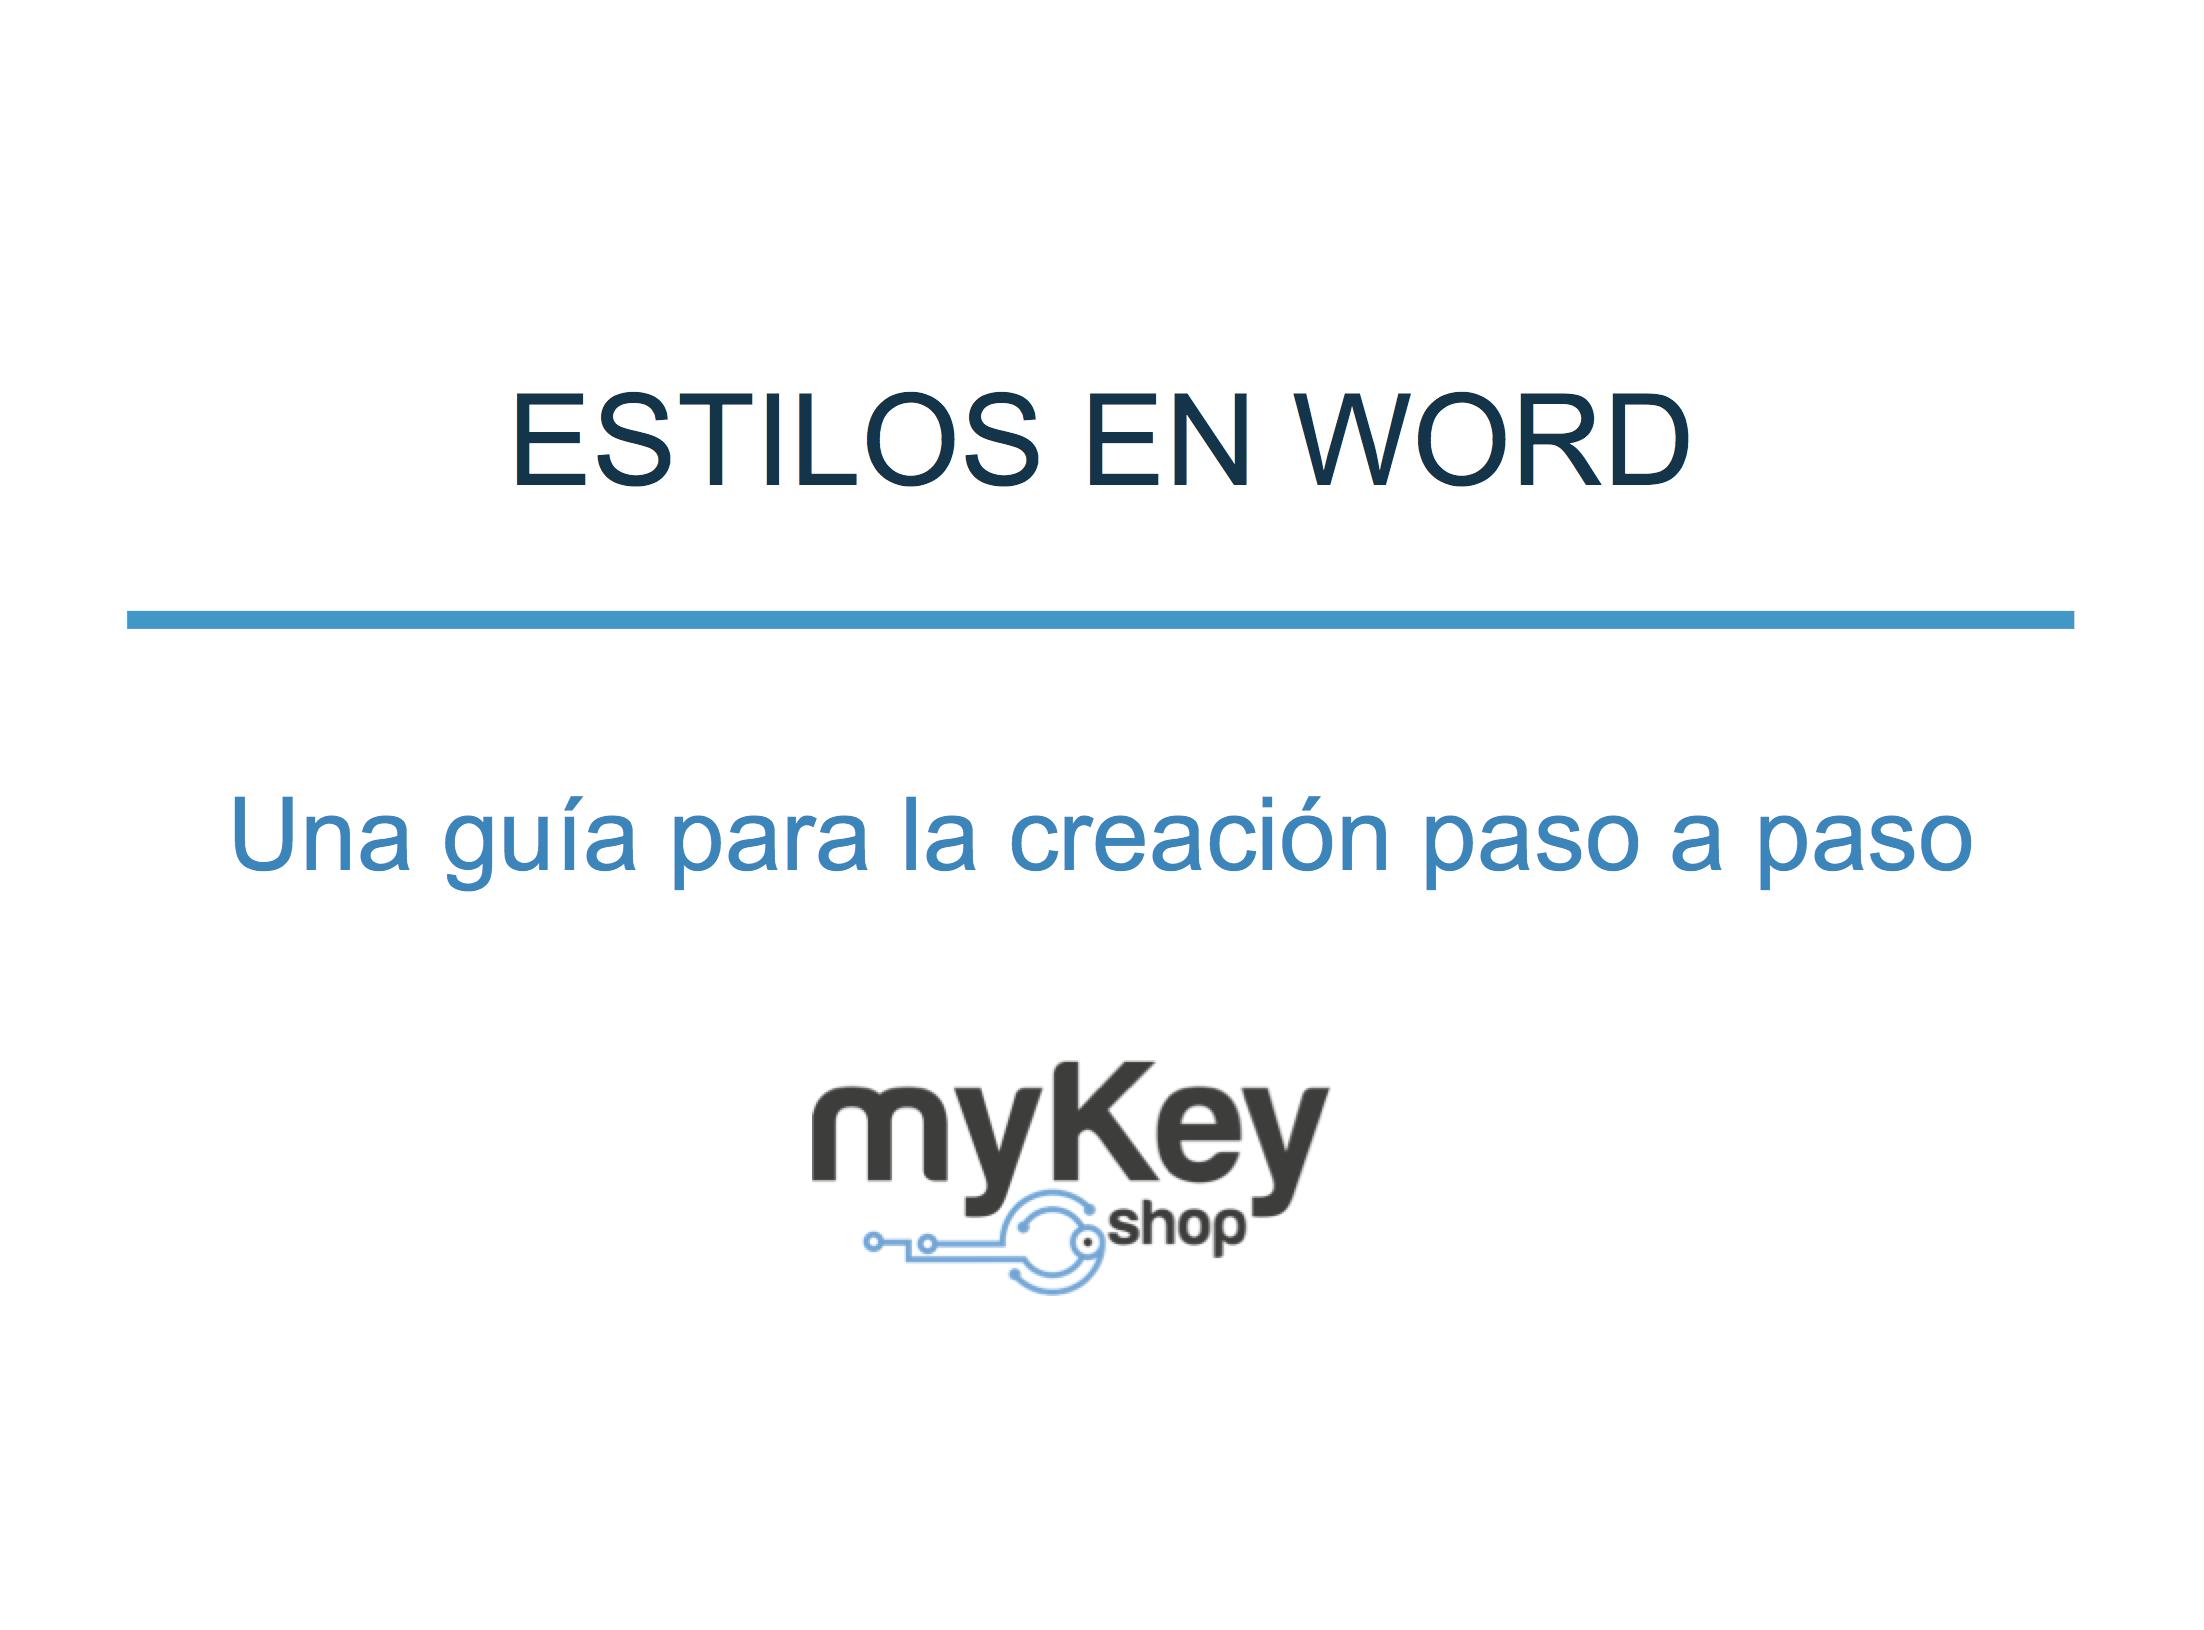 Crear estilos en Word – una guía